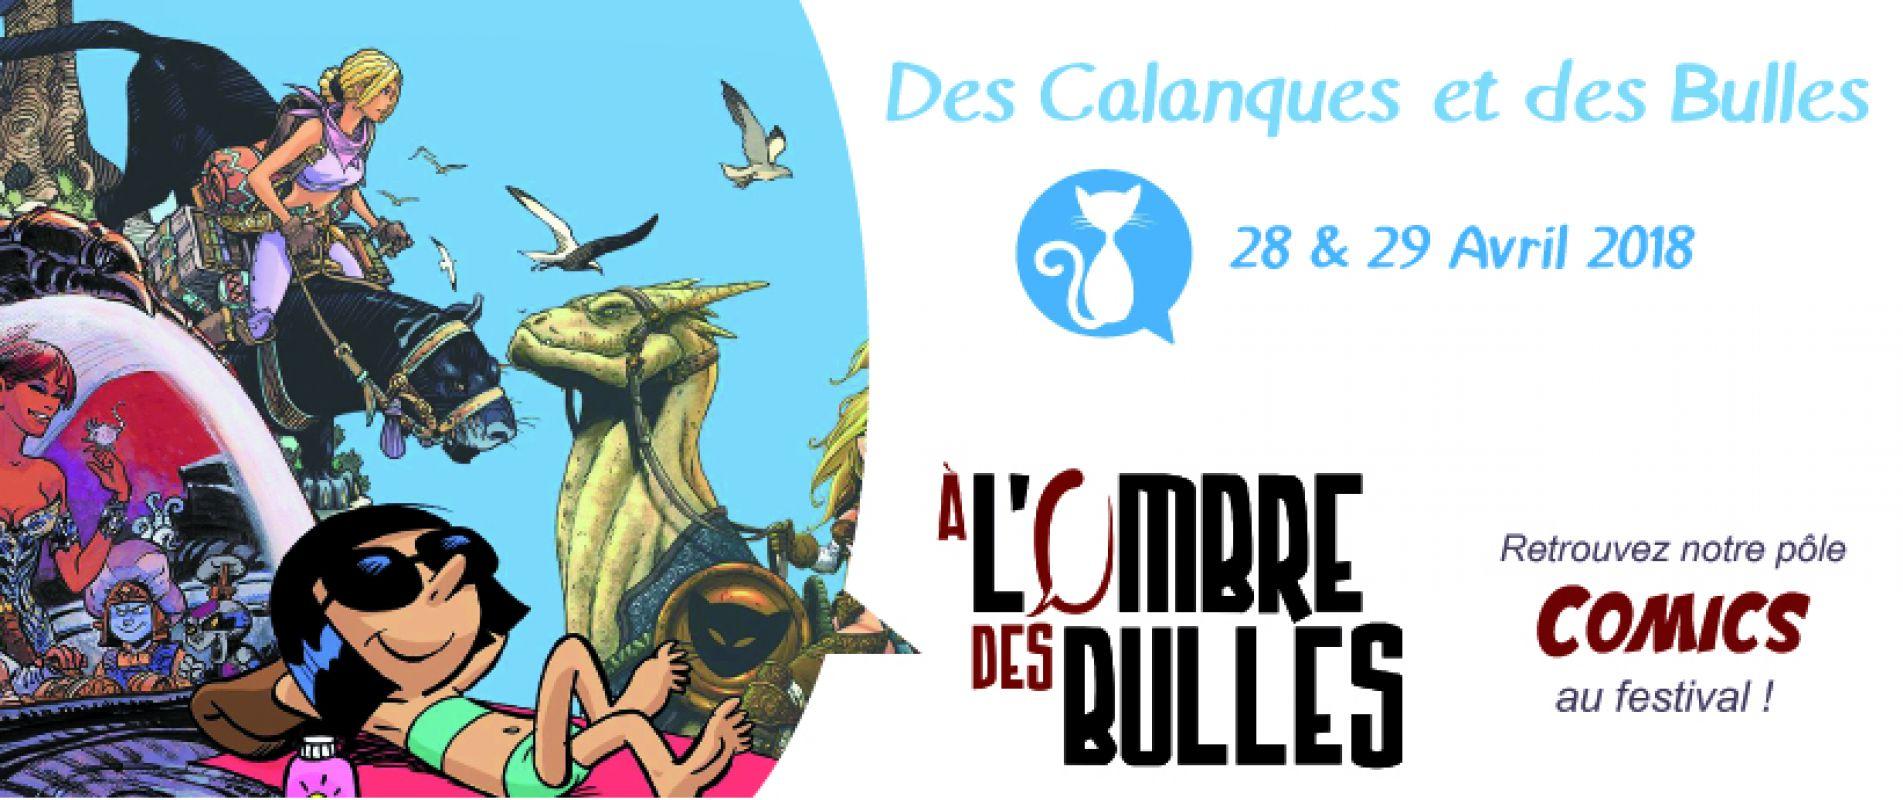 DES CALANQUES ET DES BULLES 2018 : LE POLE COMICS